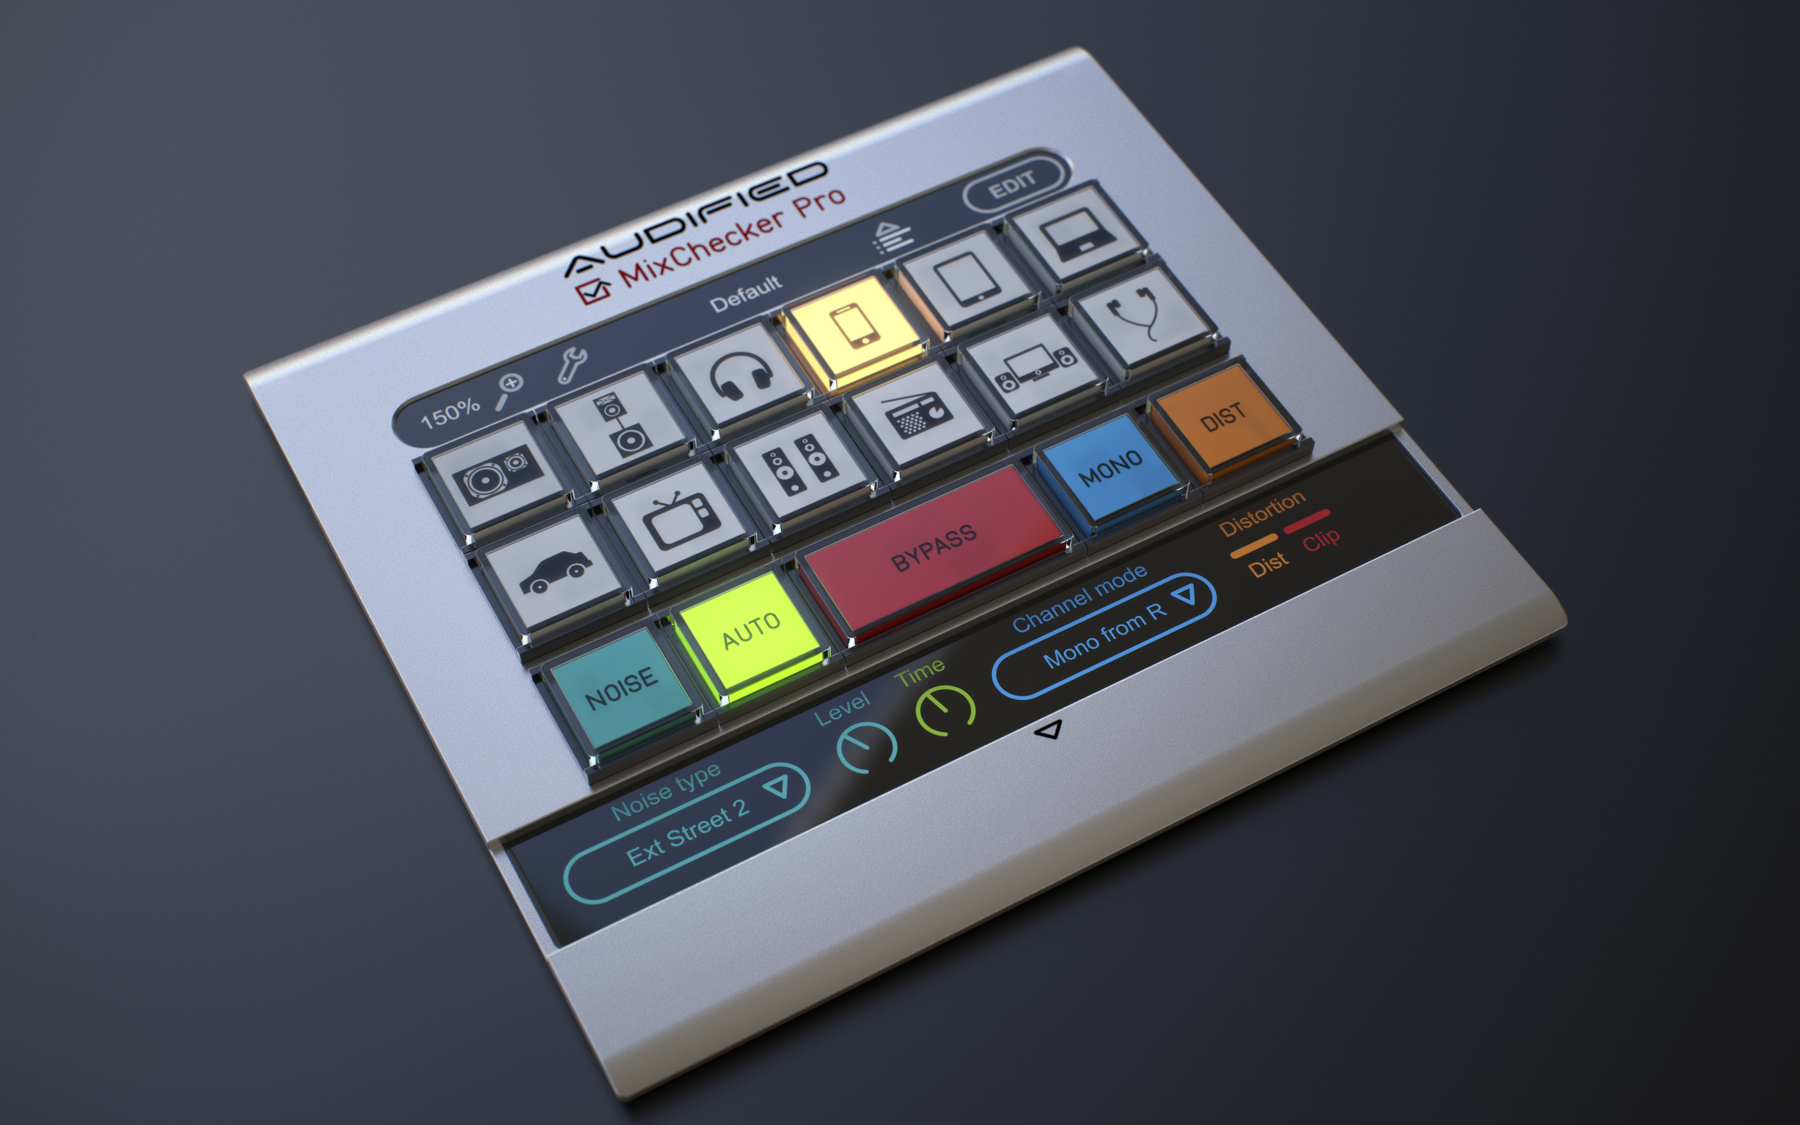 News: Audified MixChecker Pro veröffentlicht